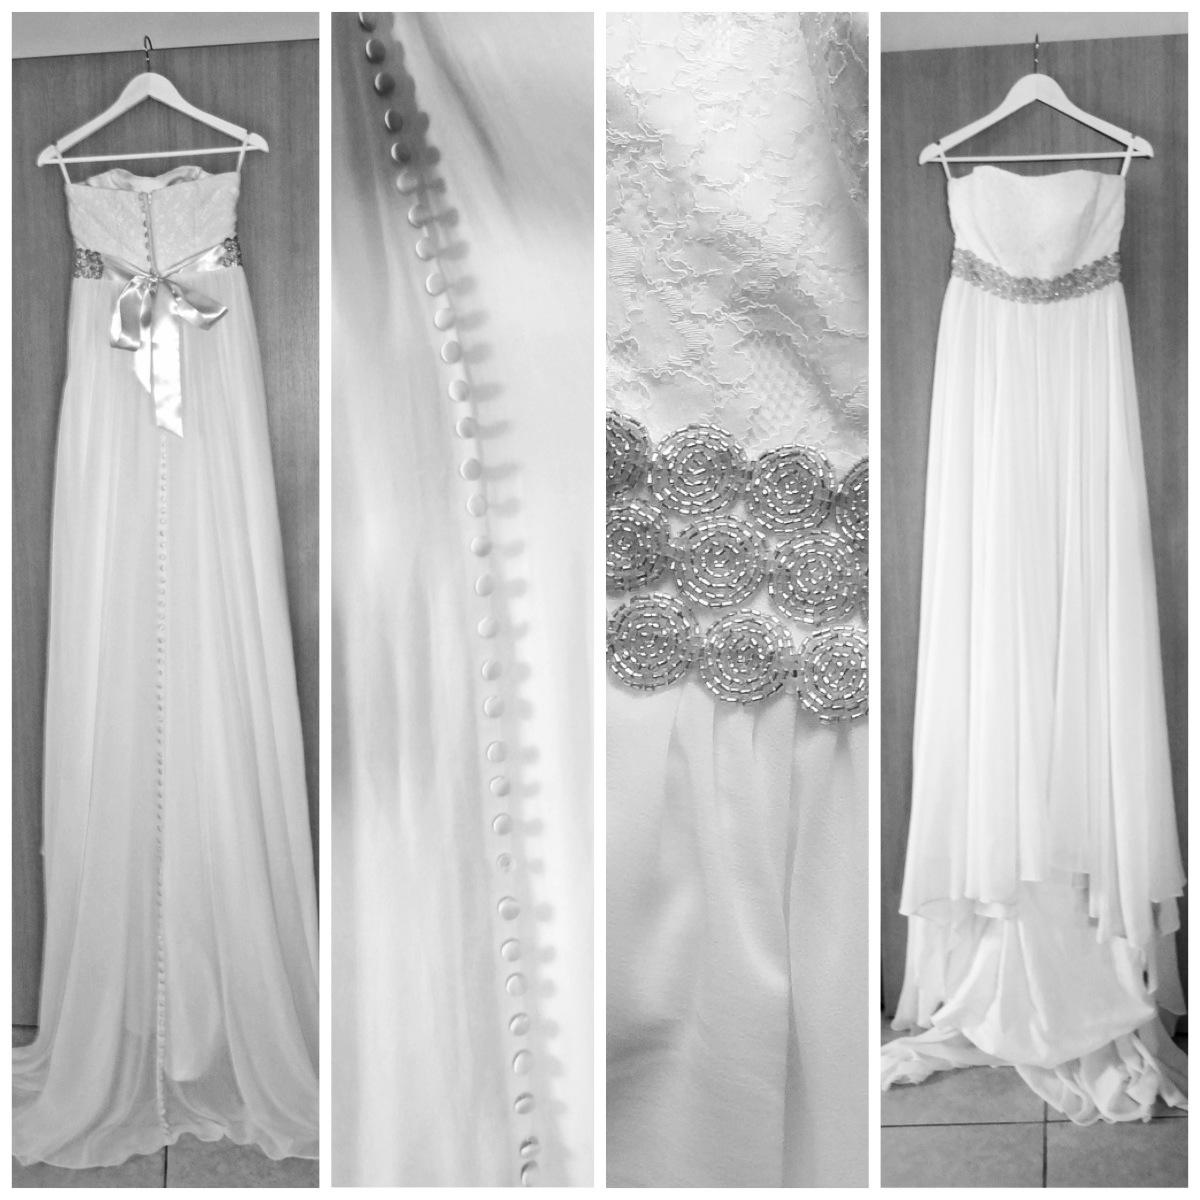 Washing Wedding Dresses 115